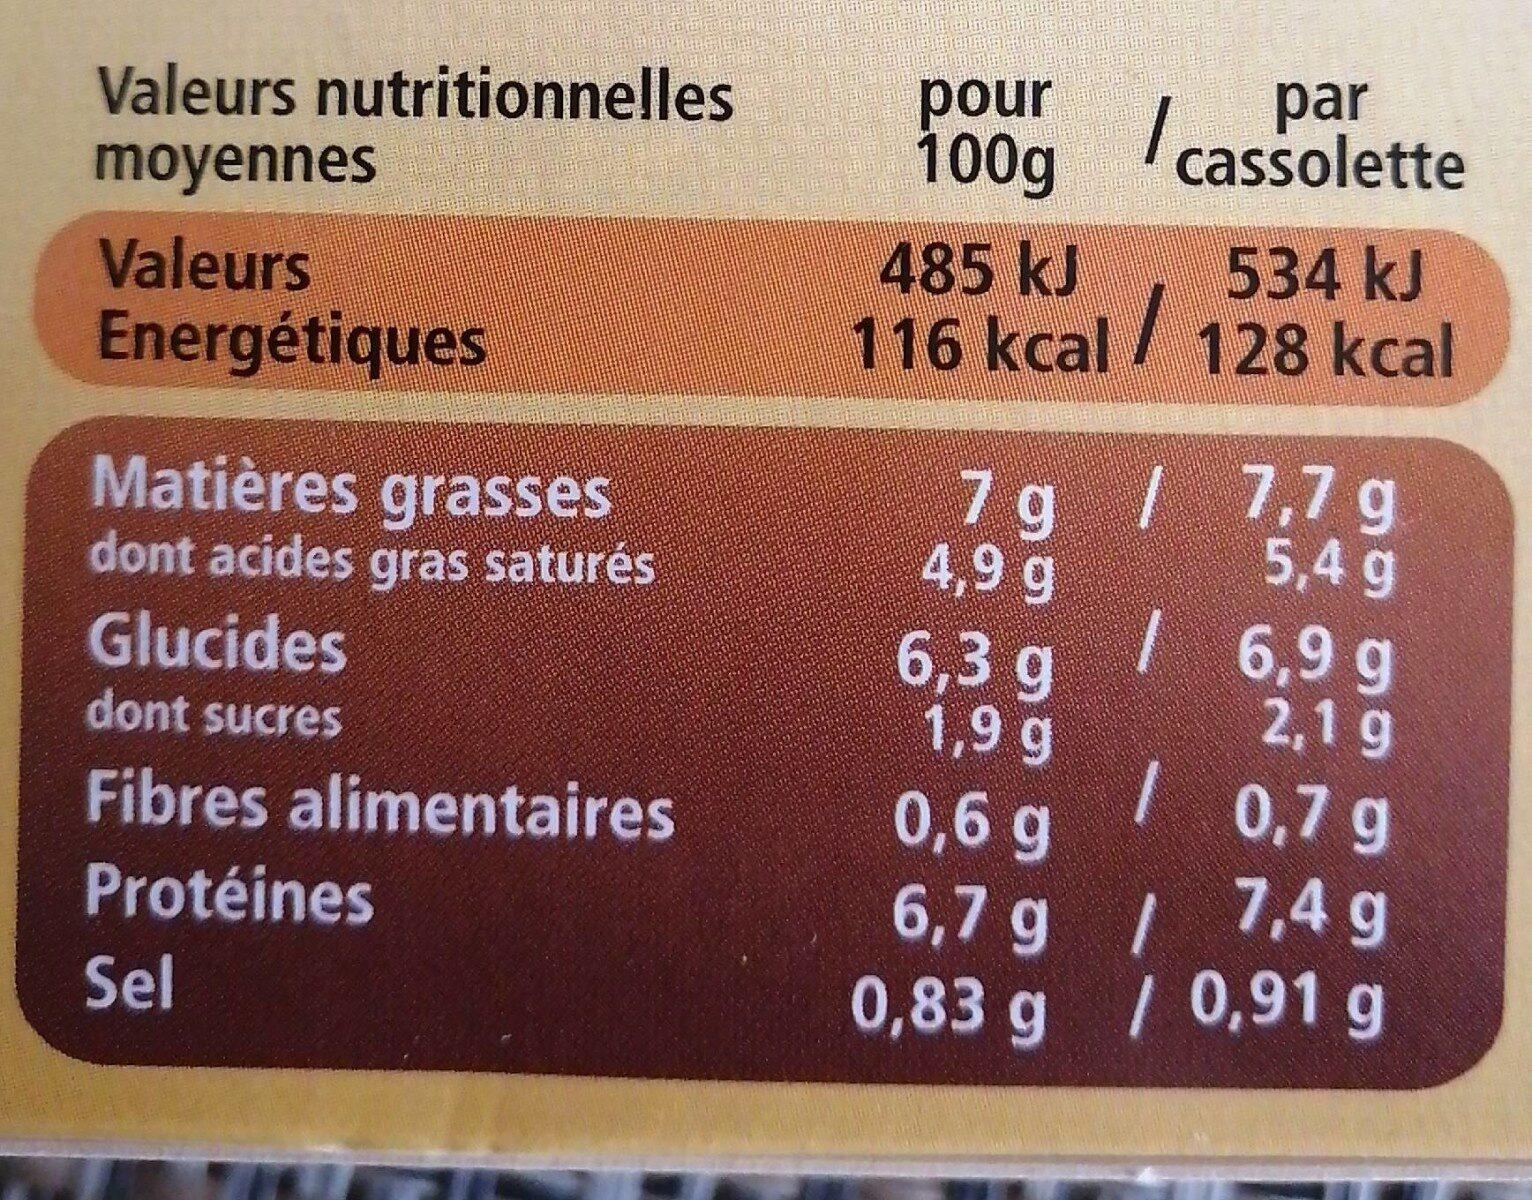 Cassolettes Saint Jacques sauce crémée sauterne - Informations nutritionnelles - fr